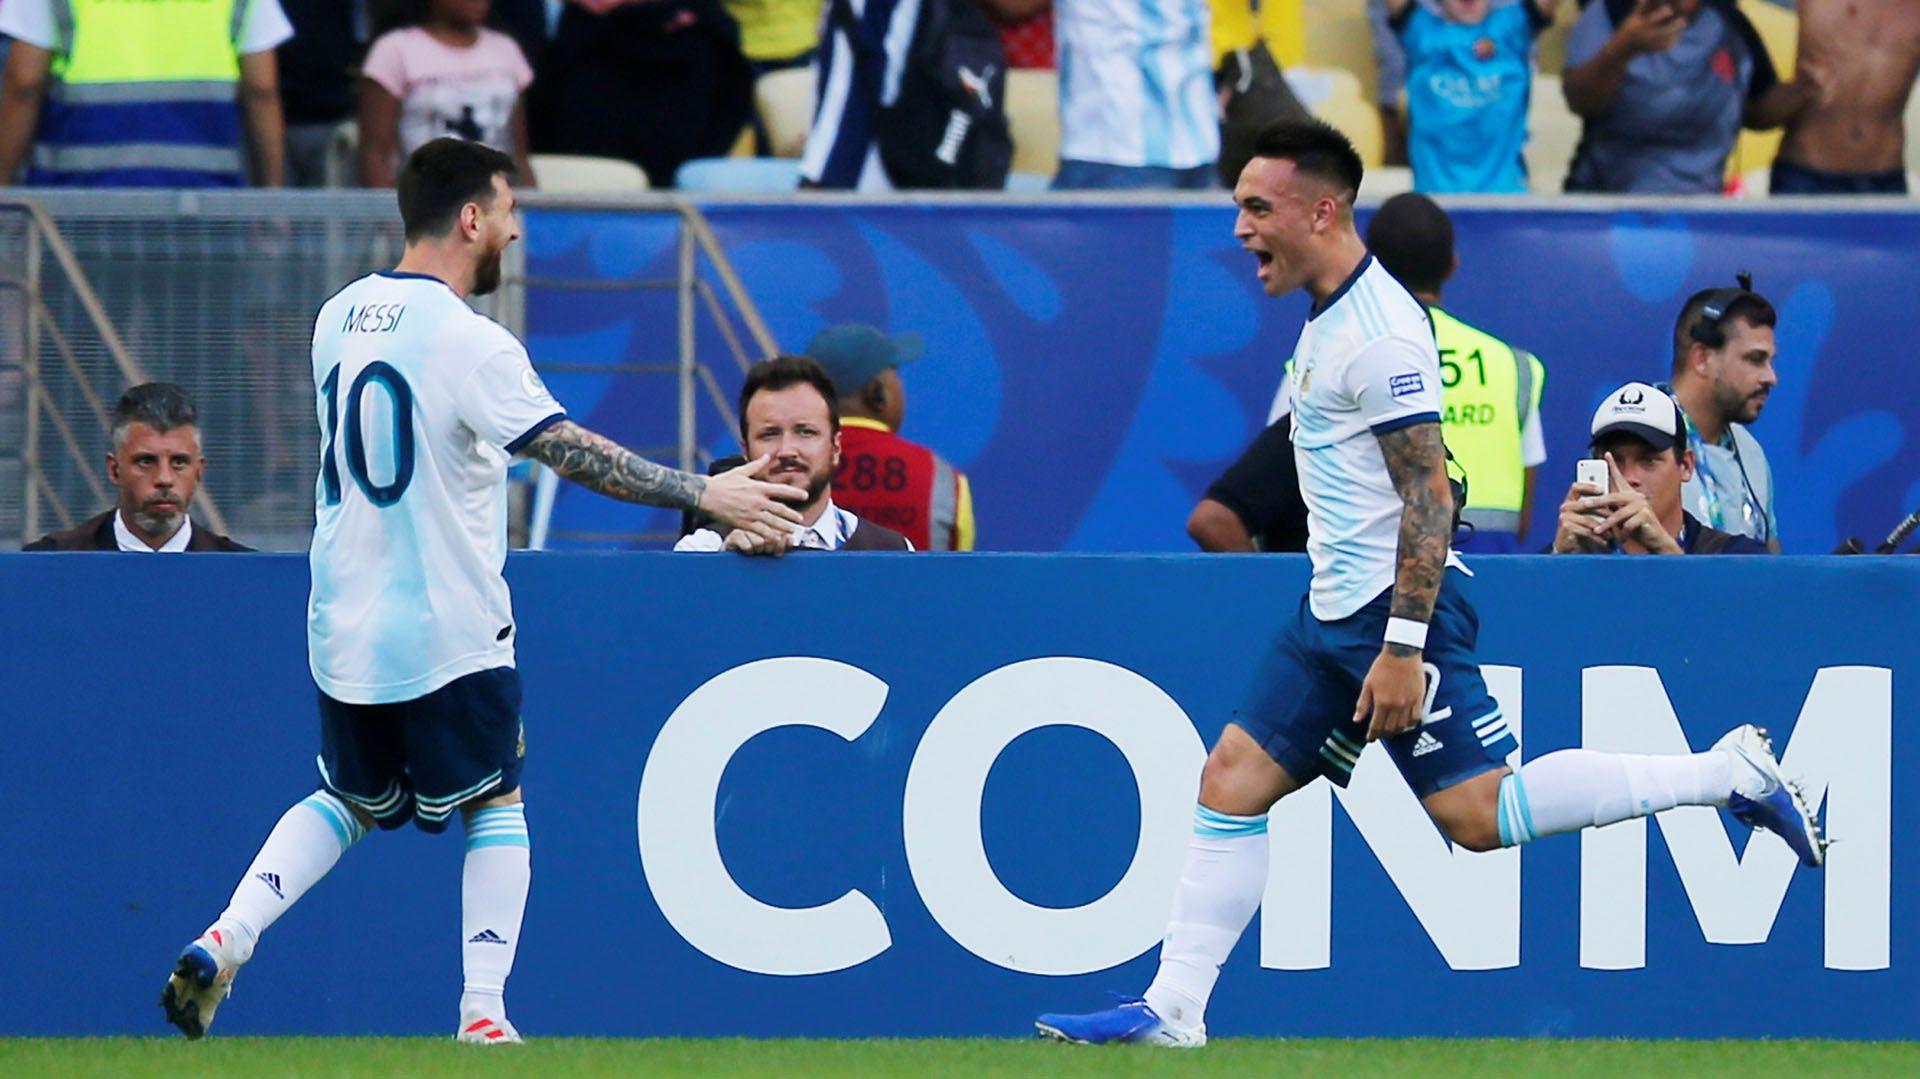 La apuesta de Lionel Scaloni en la ofensiva se basa en la potencia de Lautaro Martínez y la calidad de Messi. Foto: REUTERS/Luisa Gonzalez